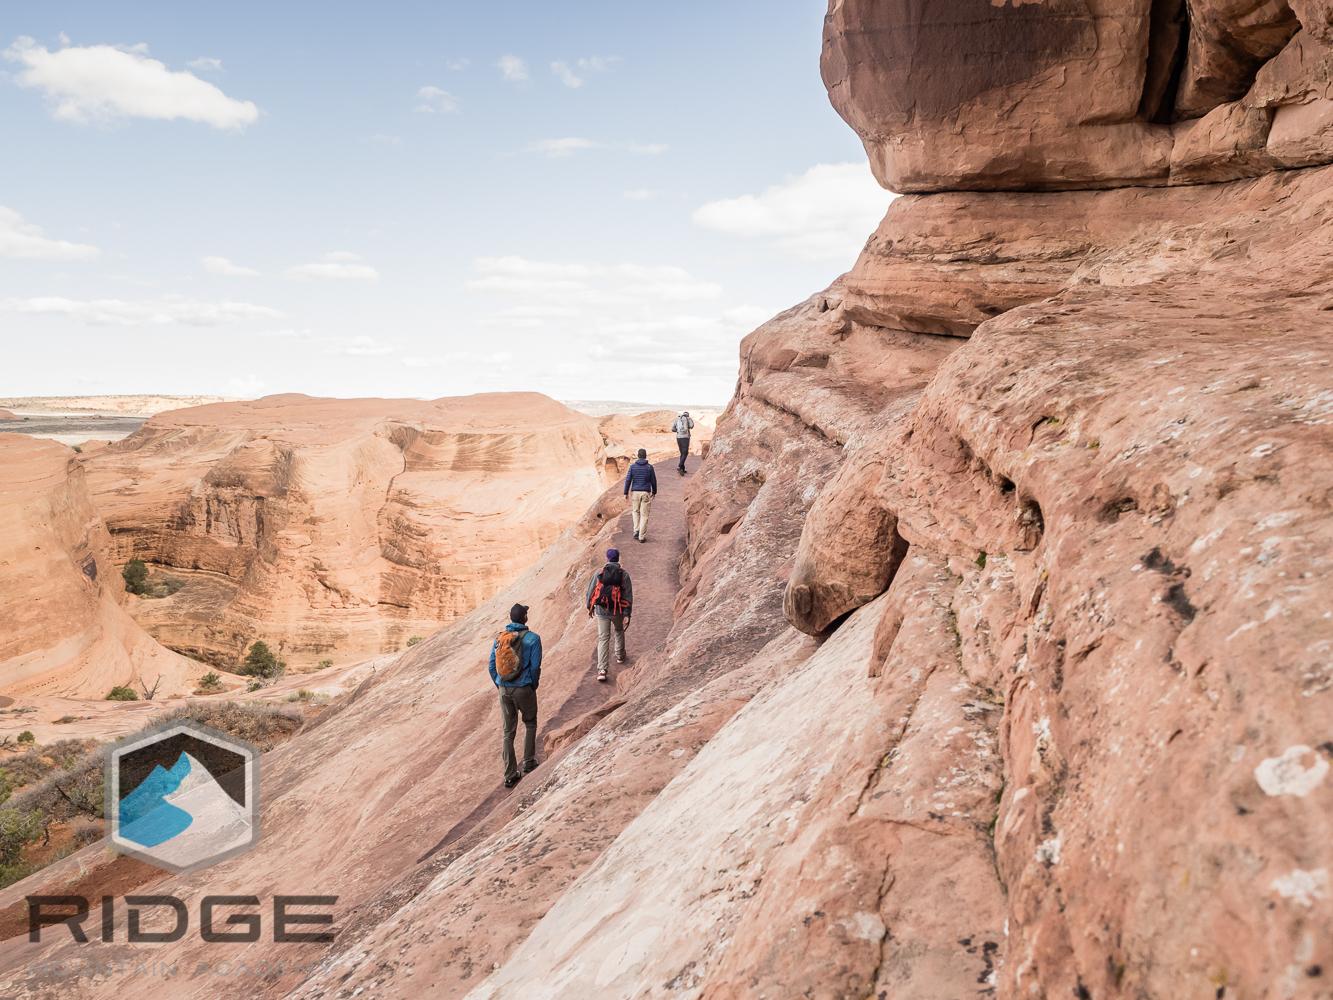 RIDGE in Moab, fall 2015-8.JPG